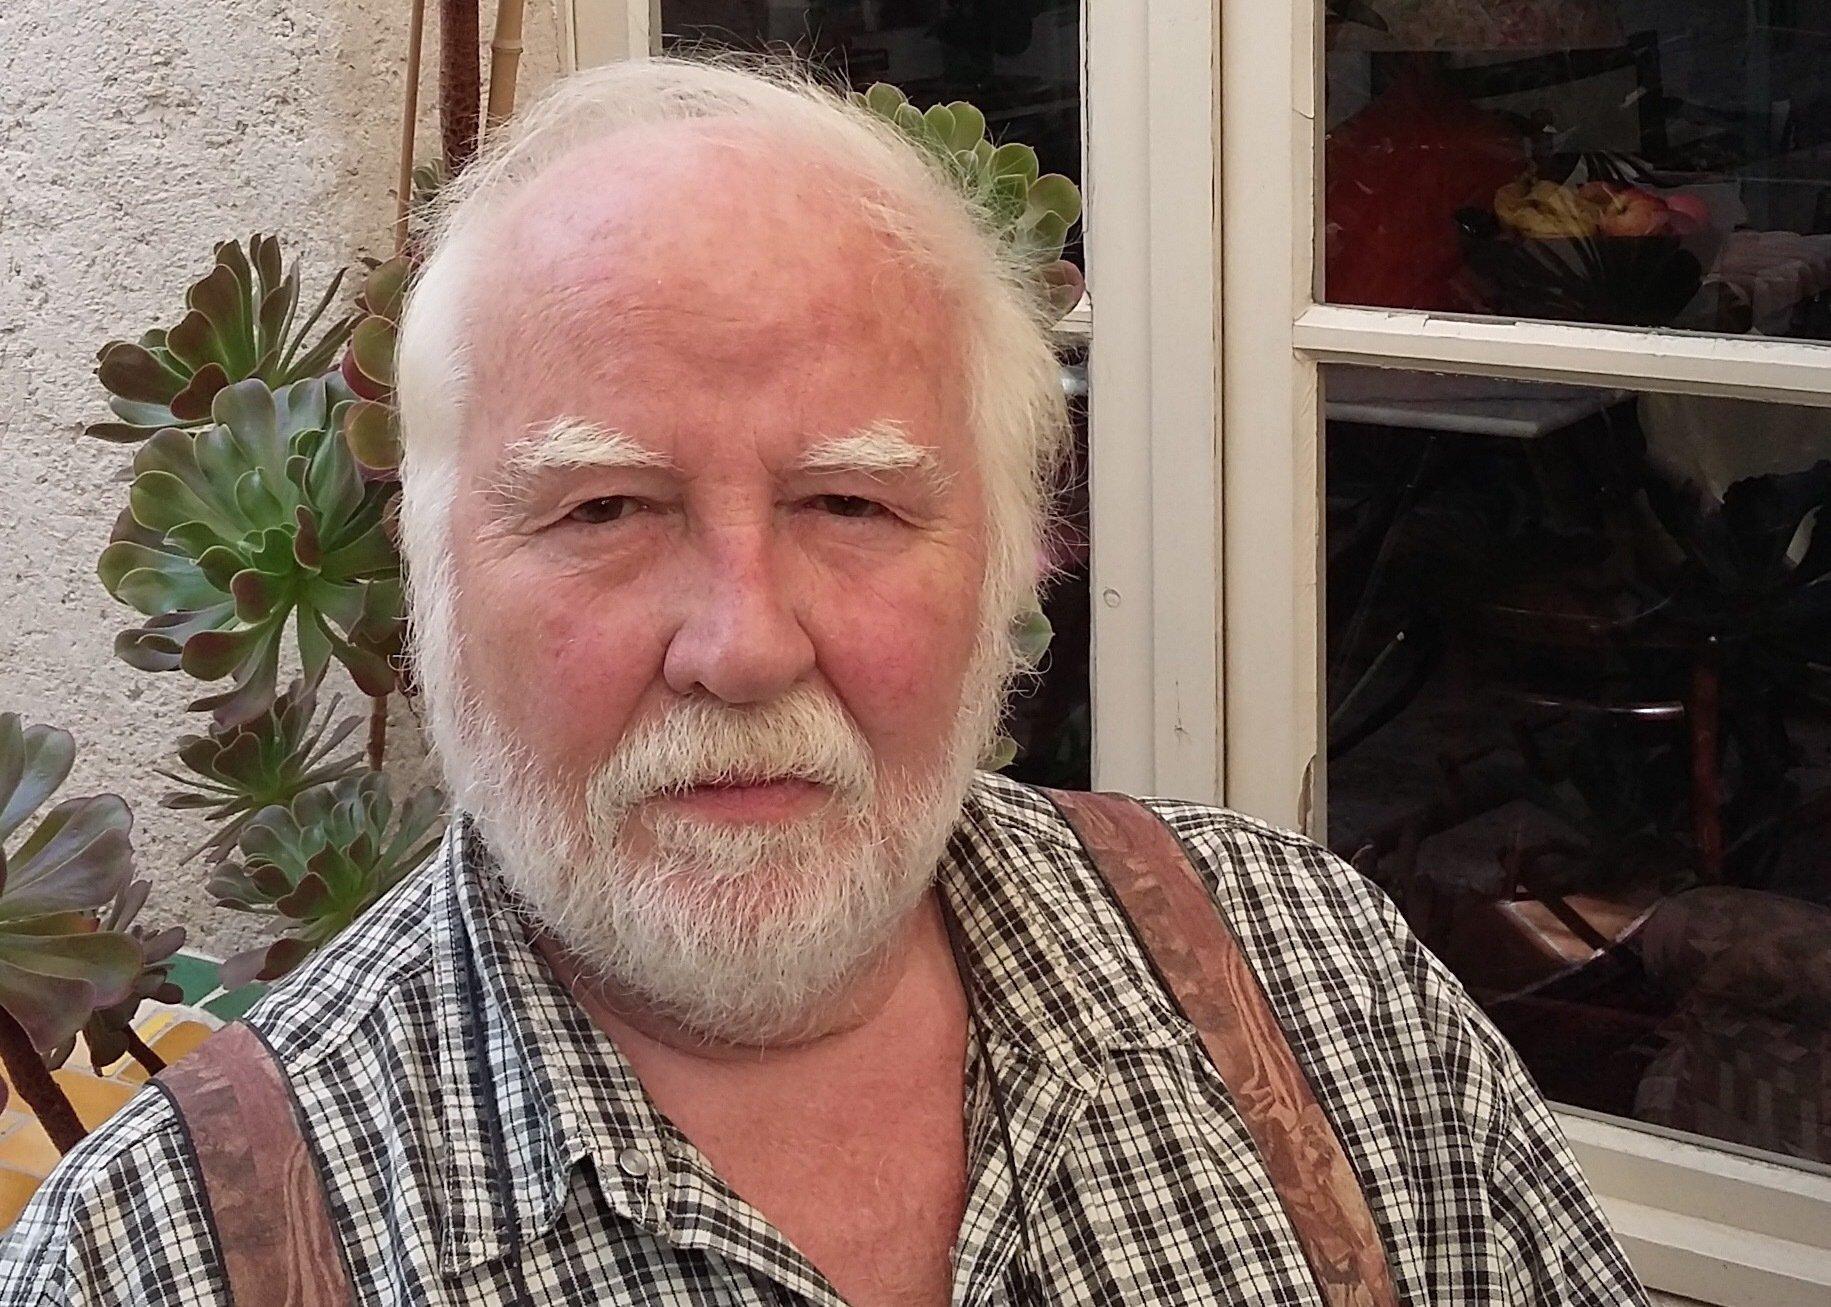 Der Germanist, Romanist, Sinologe und Übersetzer Peter Krauss sitzt vor einem Haus.